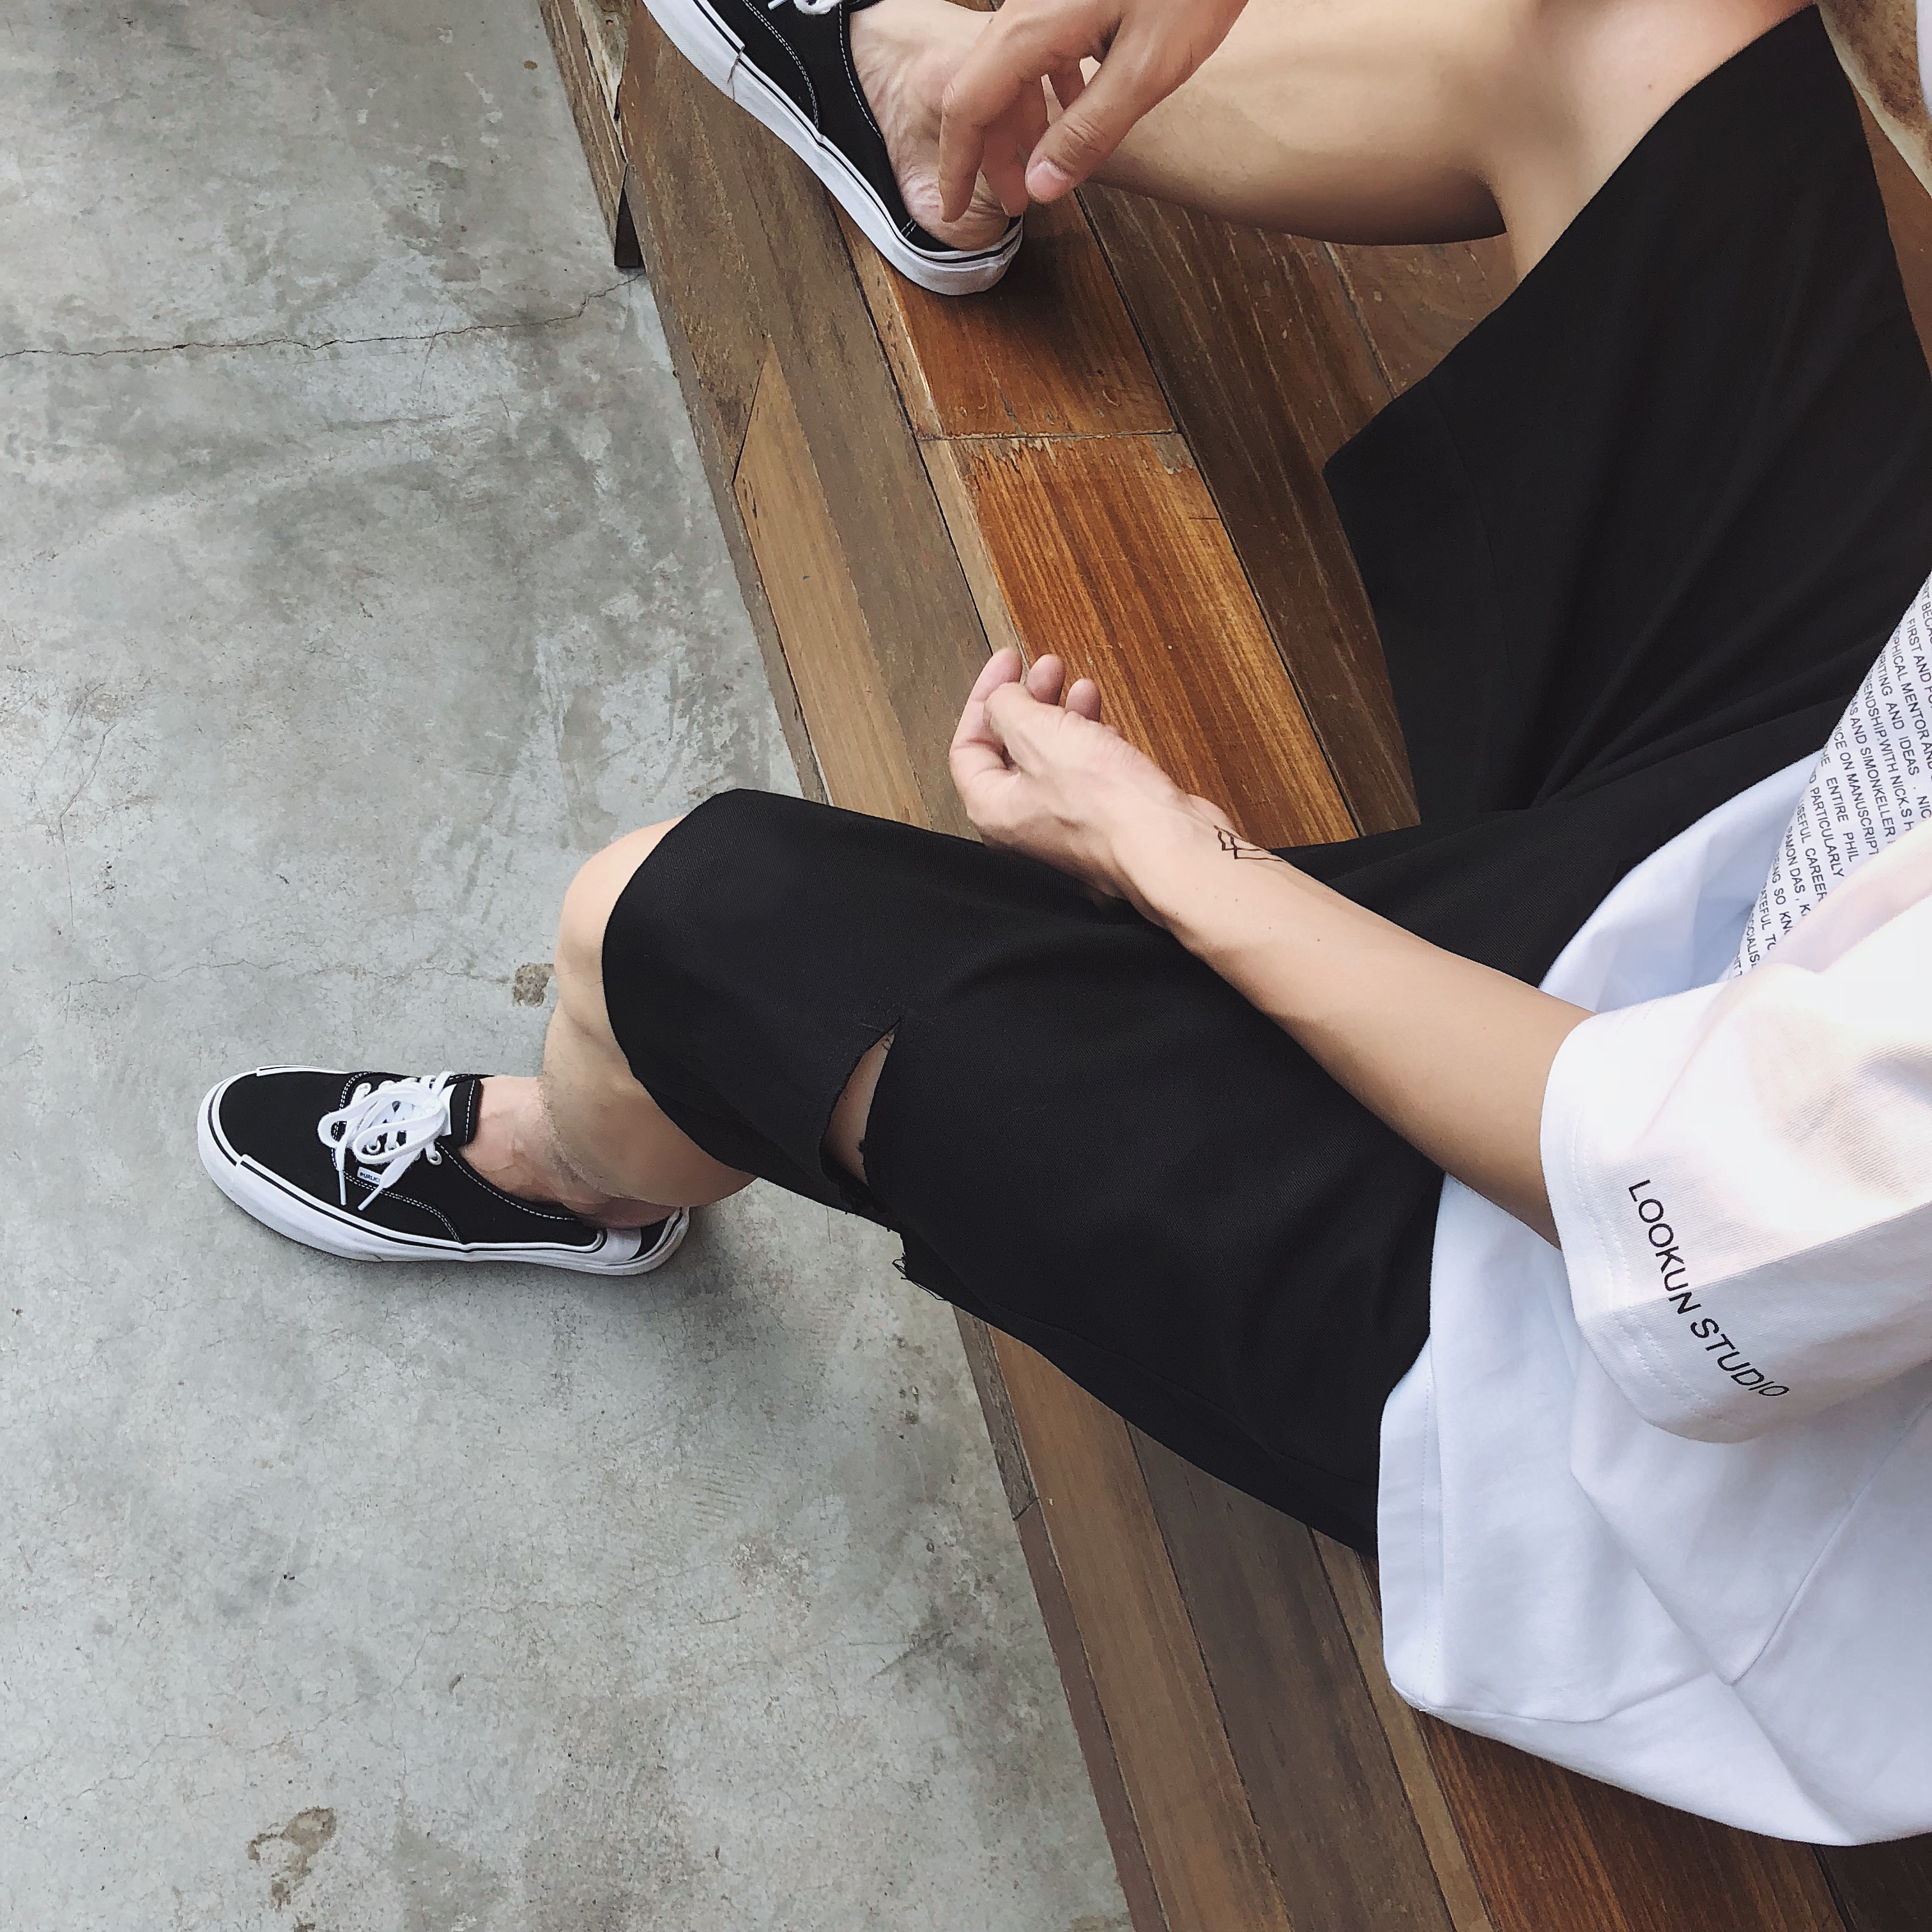 物空宋松 夏装潮男宽松侧破洞嘻哈街舞休闲短裤中裤五分裤ins超火